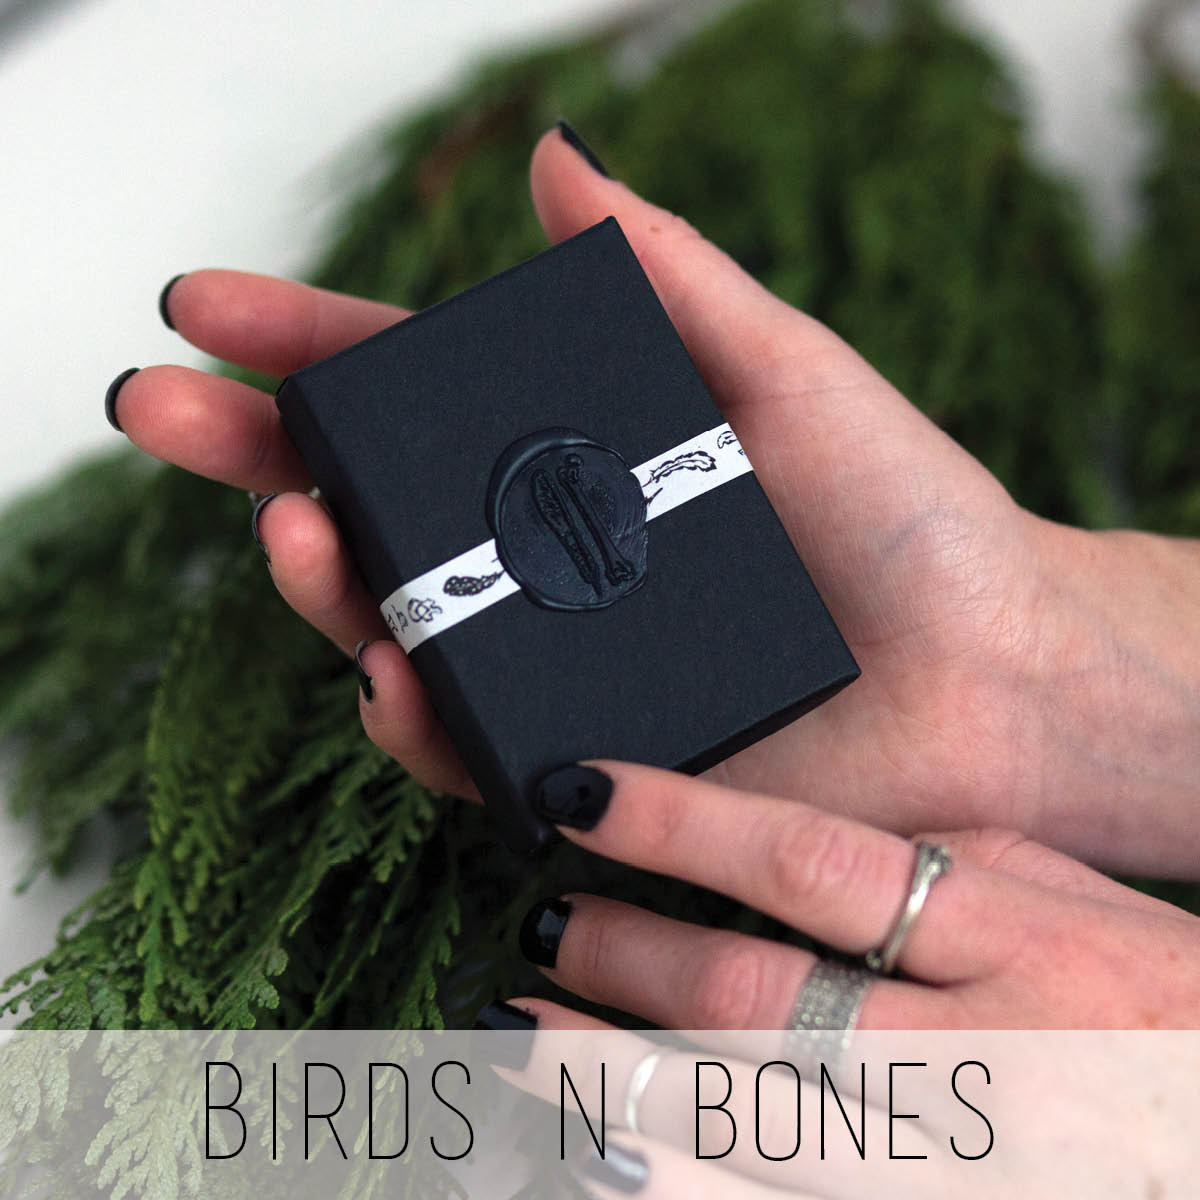 birds n bones.jpg